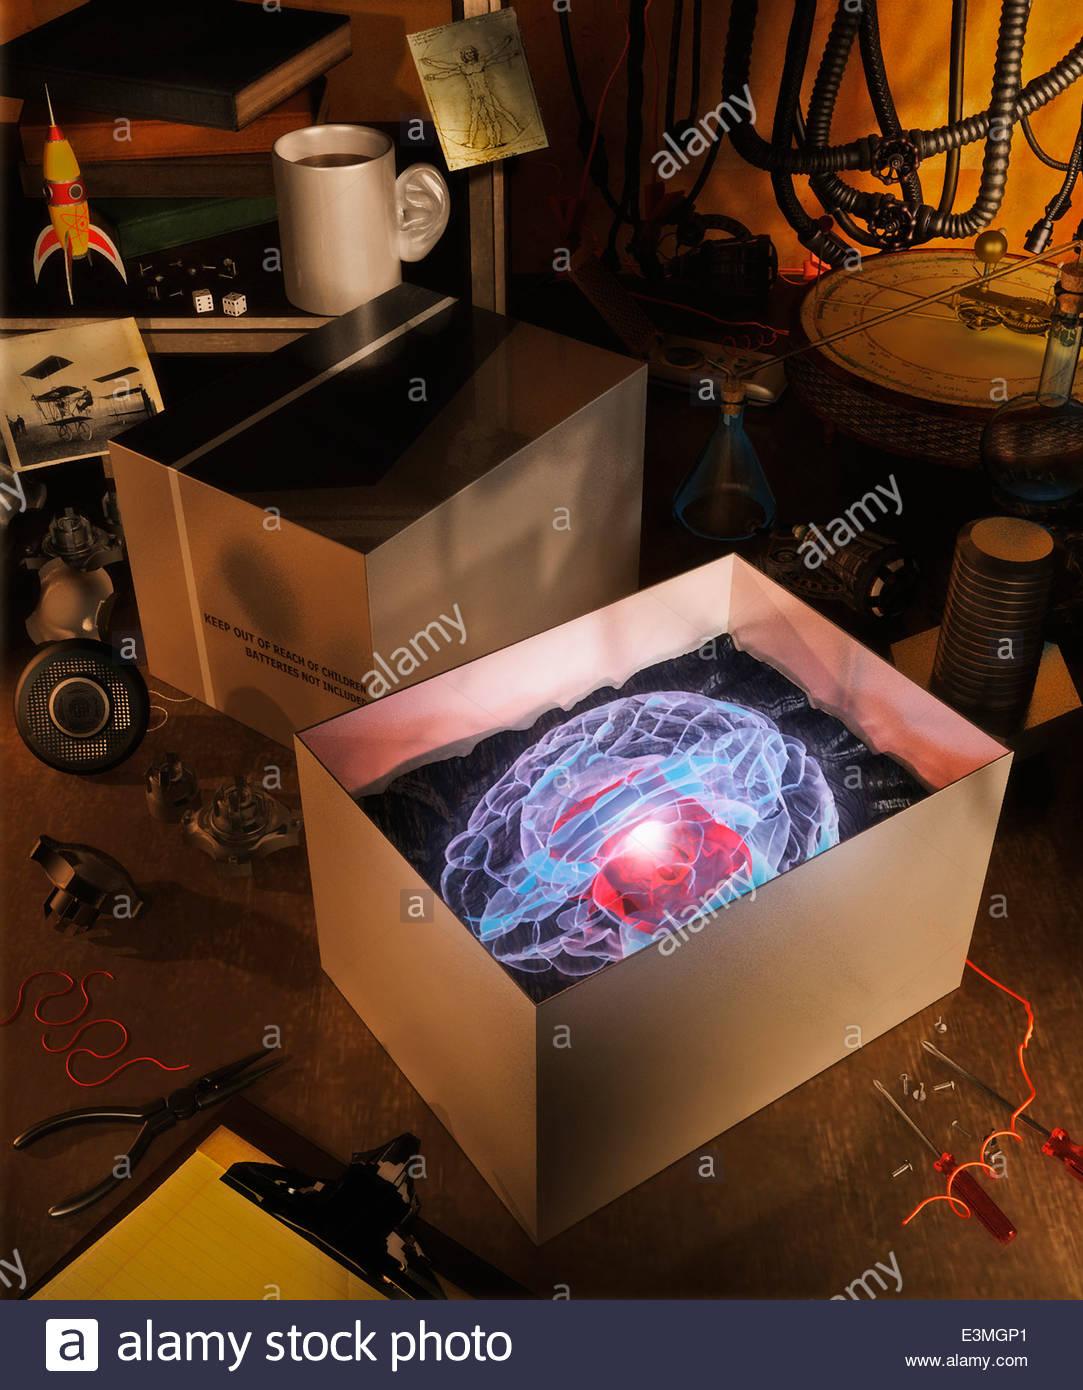 Neue leuchtende Gehirn im Kasten auf der Werkbank Stockbild